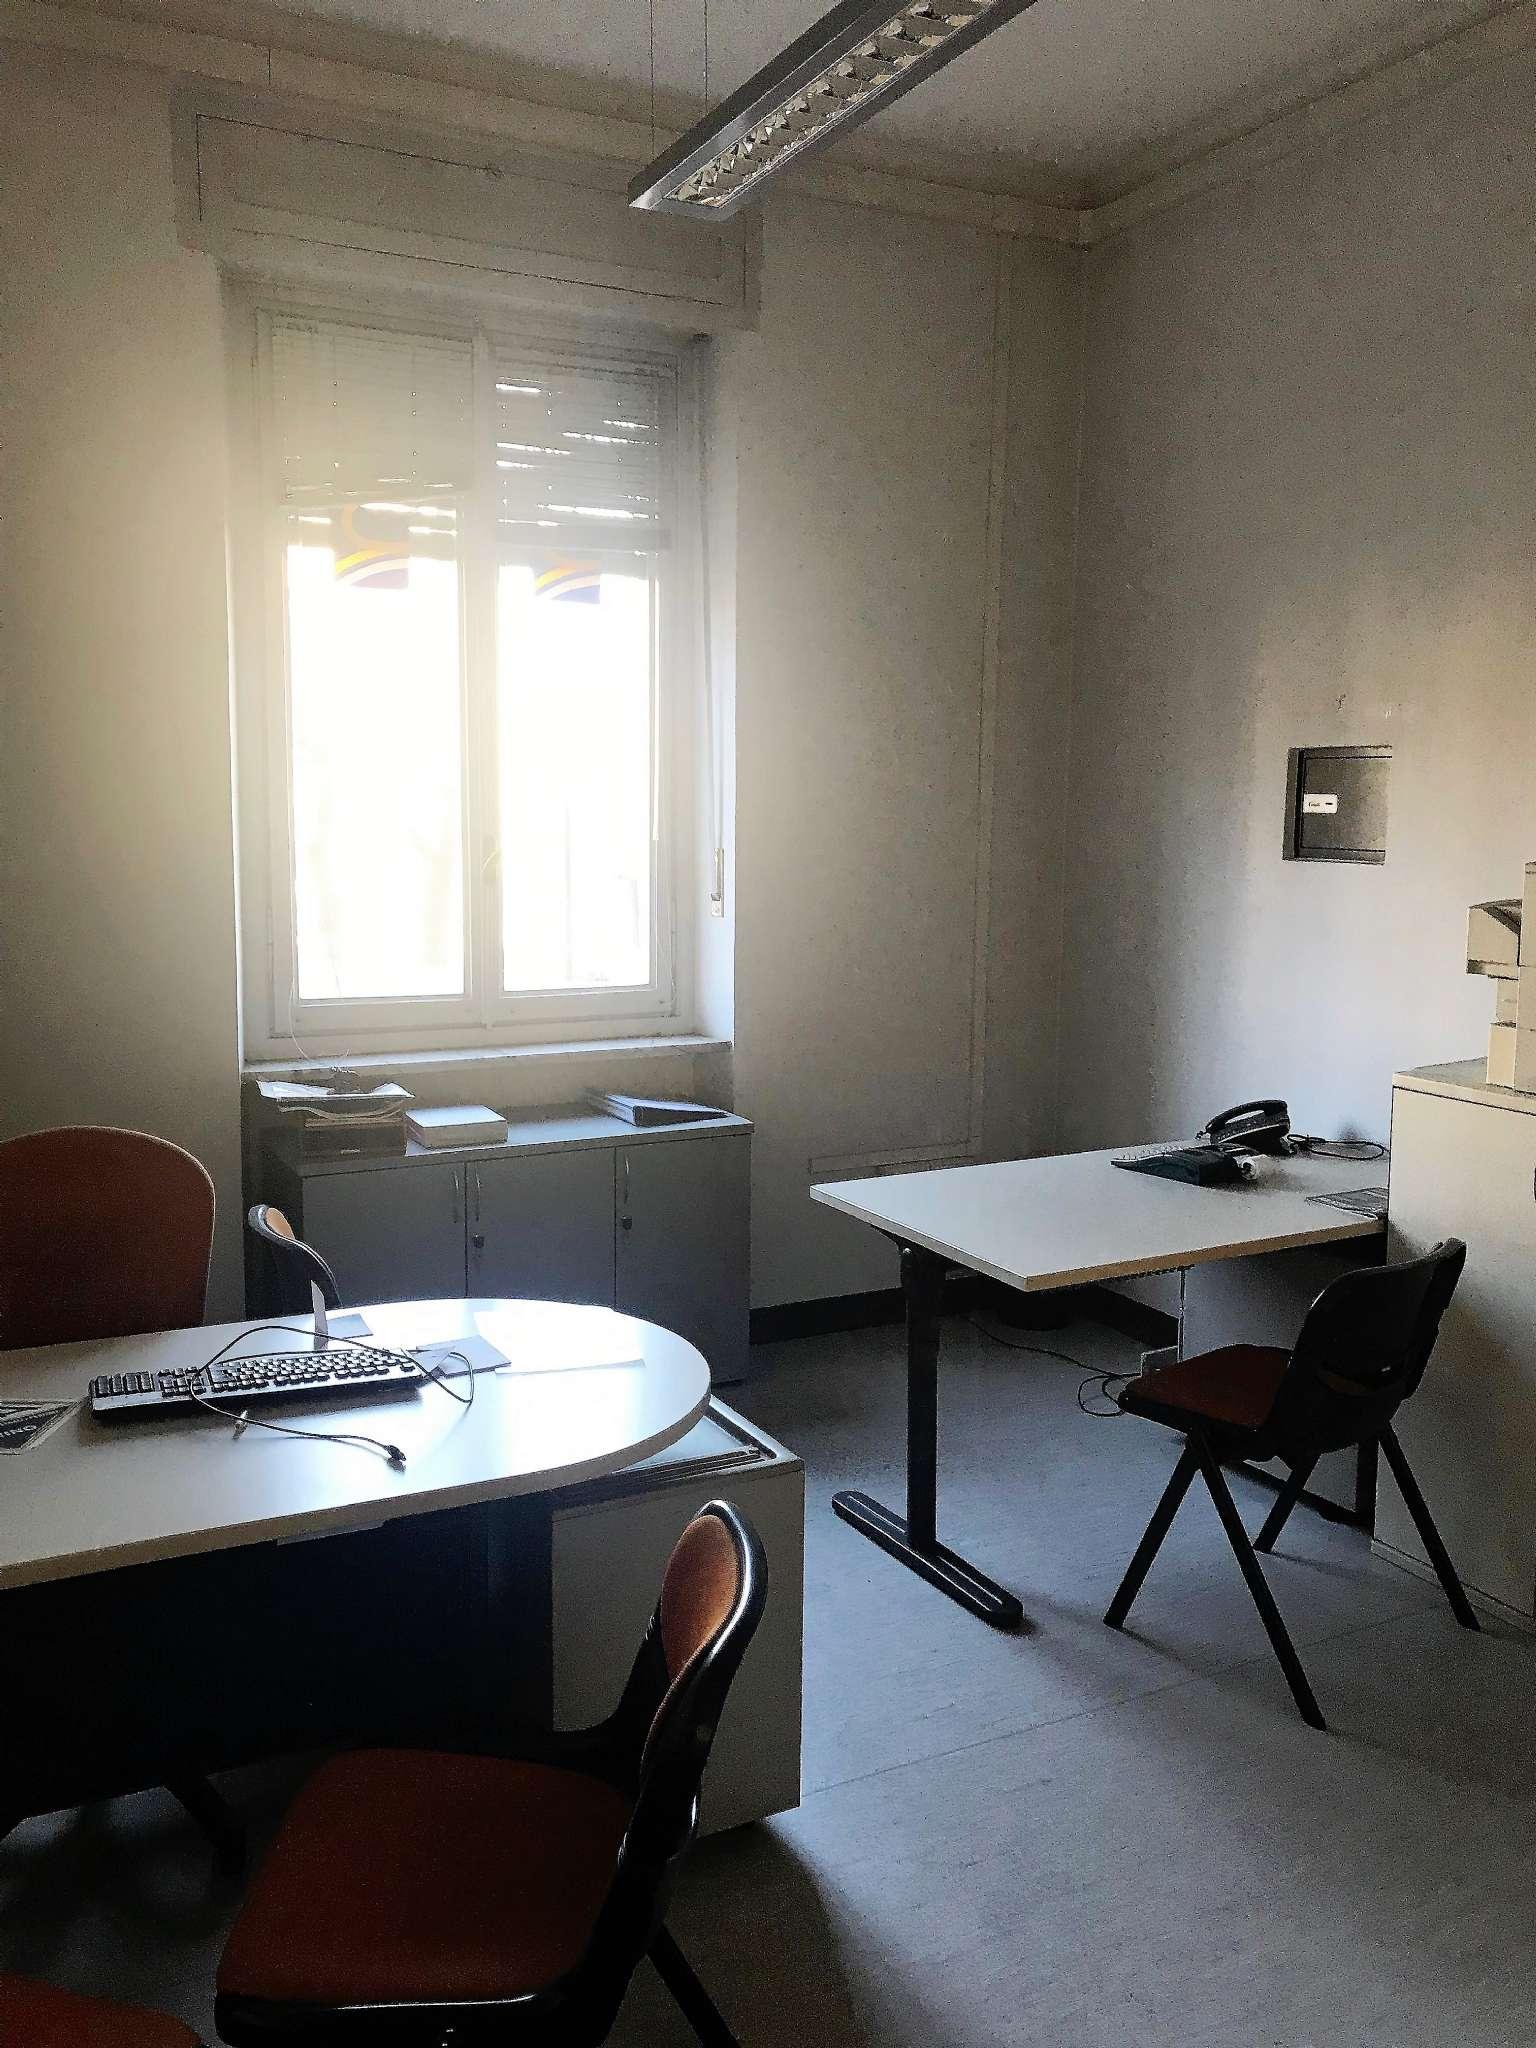 Ufficio in affitto Zona Cit Turin, San Donato, Campidoglio - corso CORSO LECCE 36 Torino